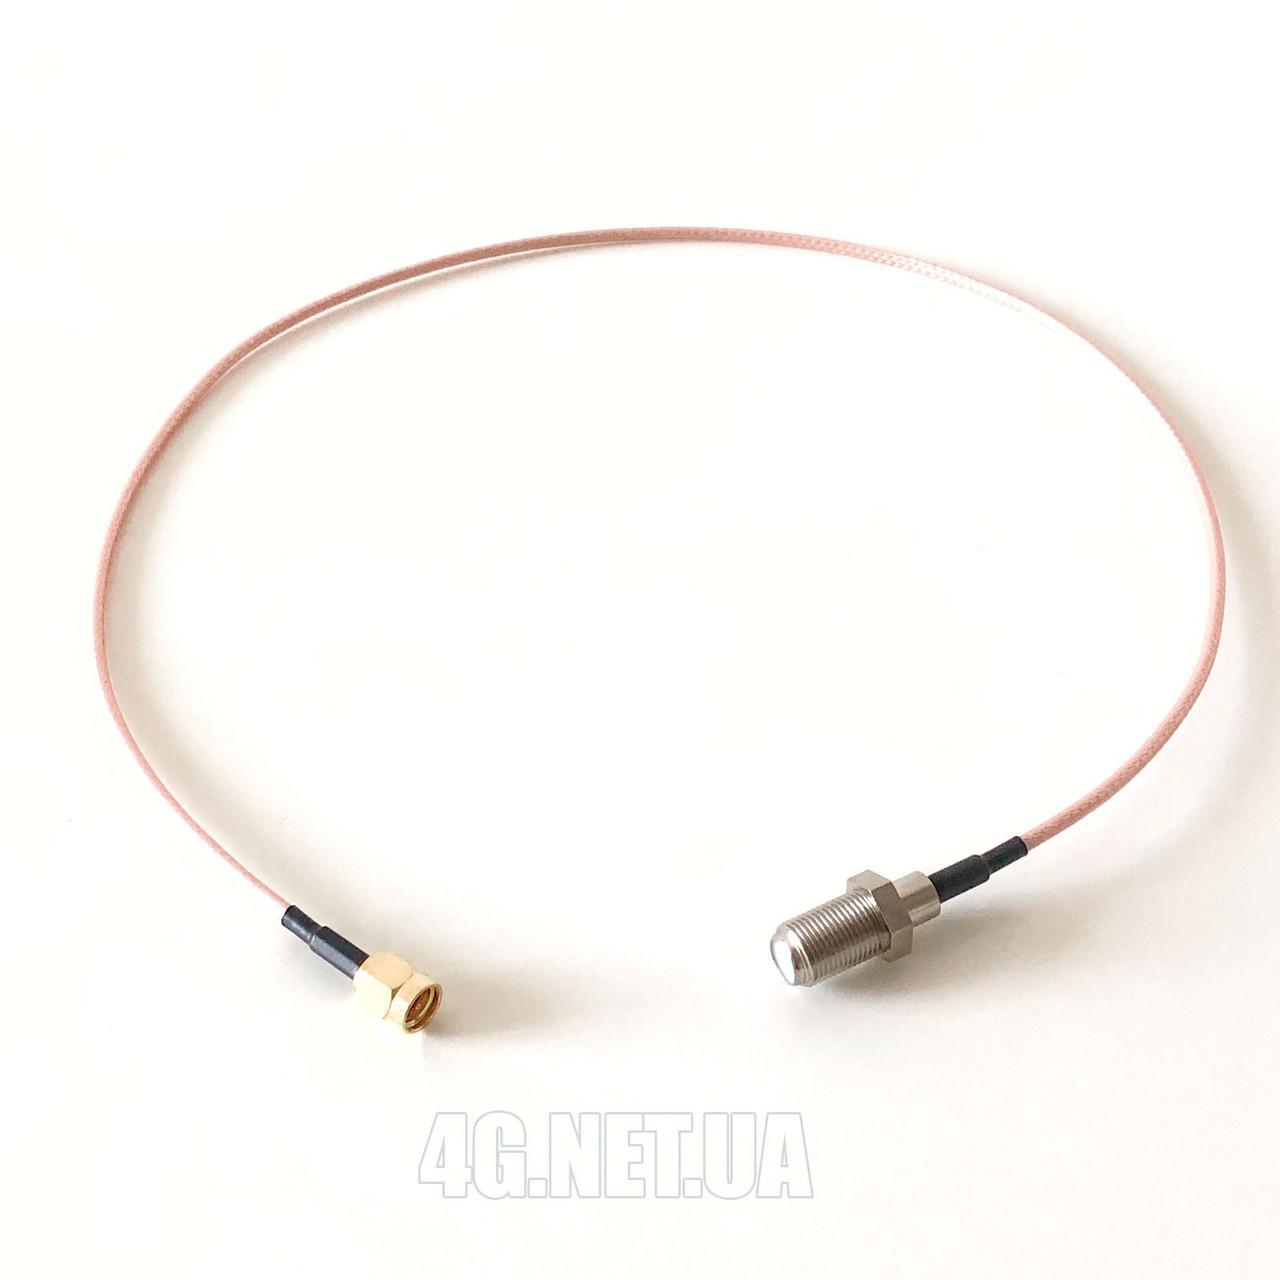 Переходник на антенну для стационарных роутеров (sma pigtail)